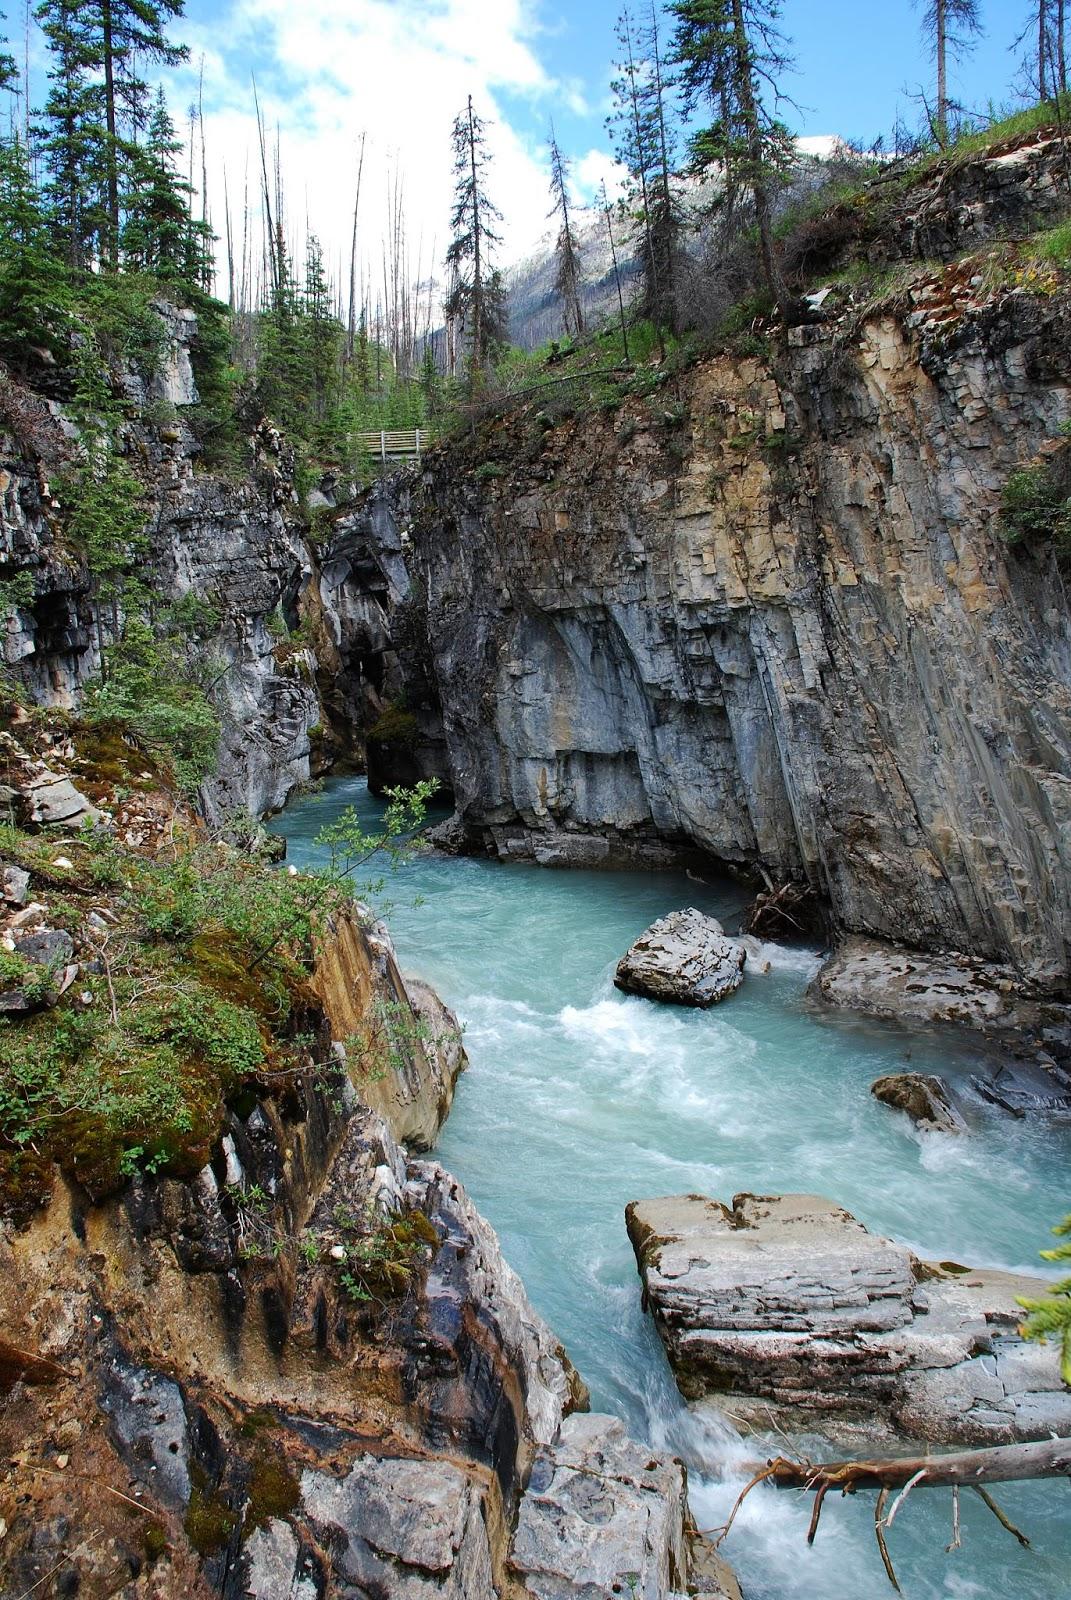 Numa Falls Wallpaper Kootenay National Park Canada Natural Creations